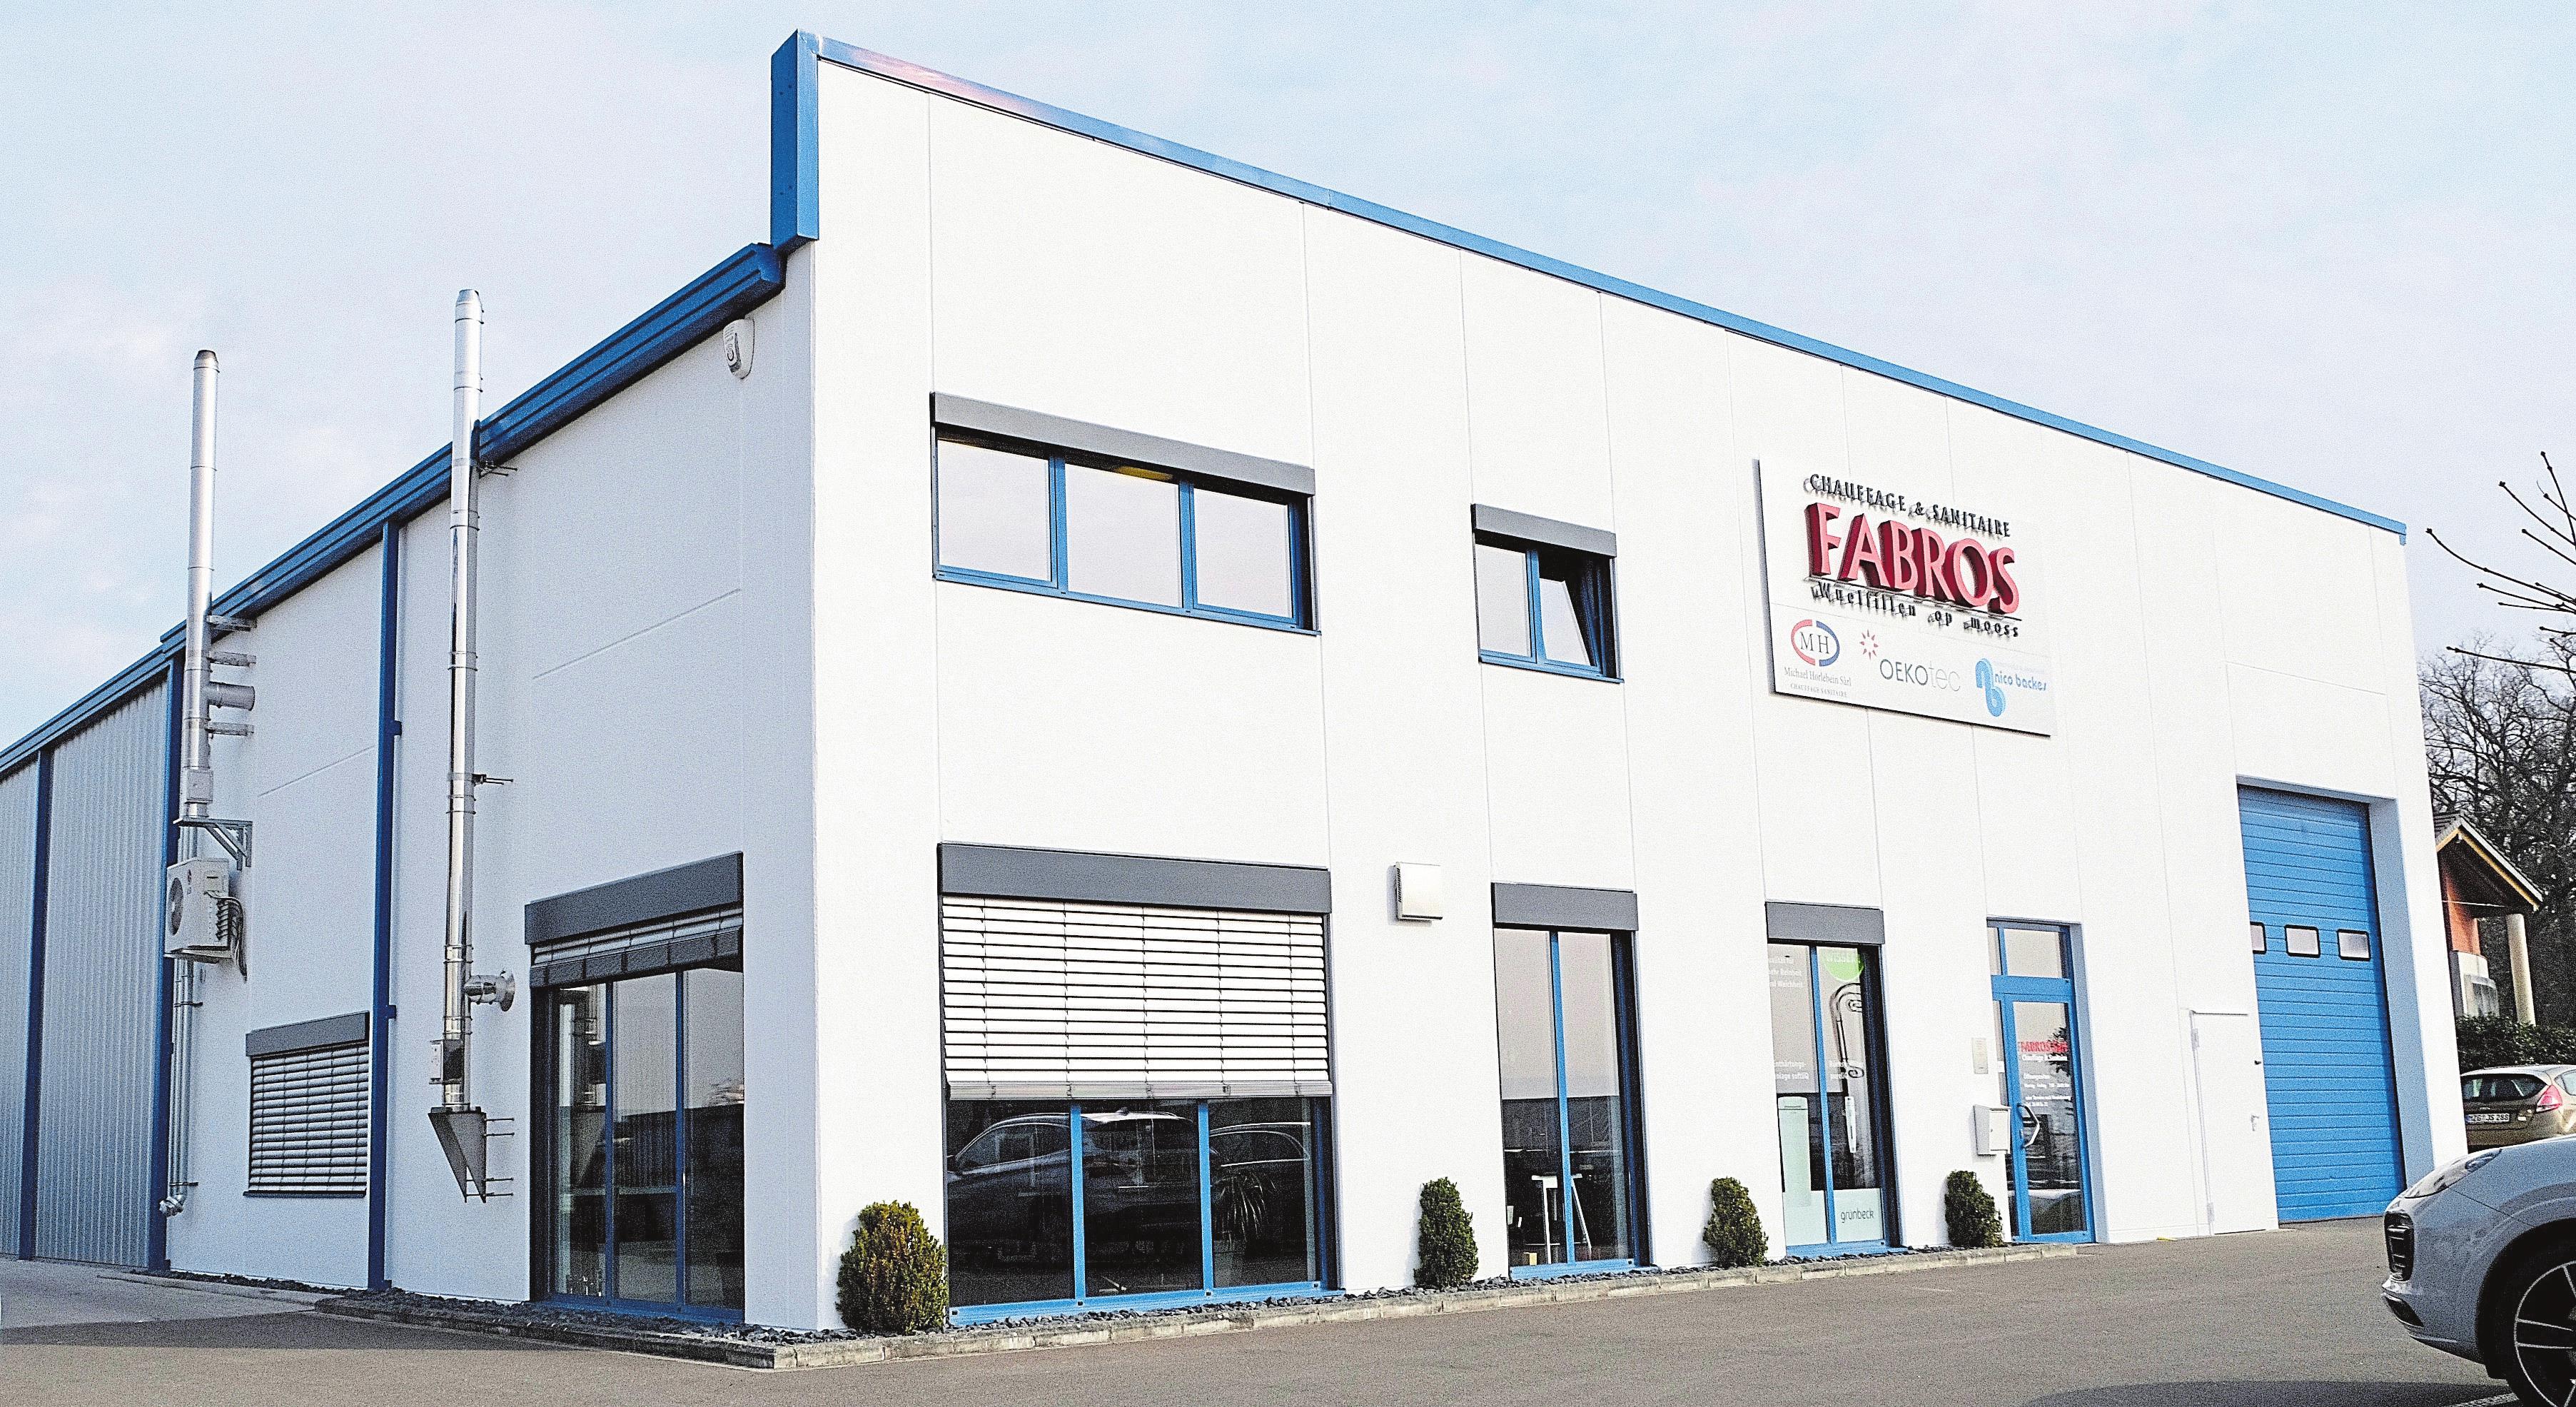 Der Firmensitz der Fabros Sàrl. befindet sich in der Industriezone op der Kopp in Remich. Foto: Lucien Wolf